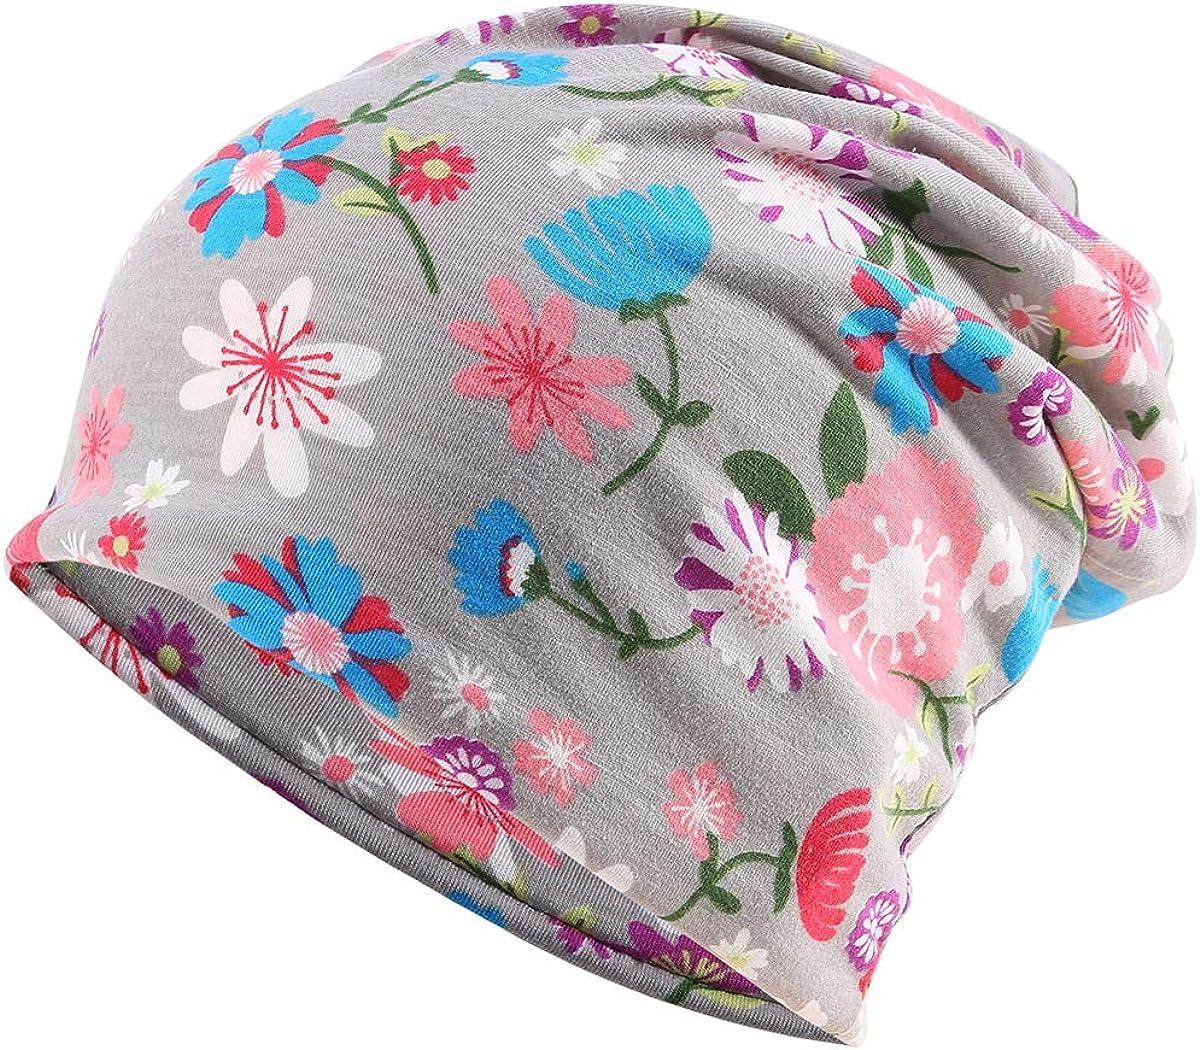 Womens Sleep Soft Headwear Cotton Lace Beanie Hat Hair Covers Night Sleep Cap